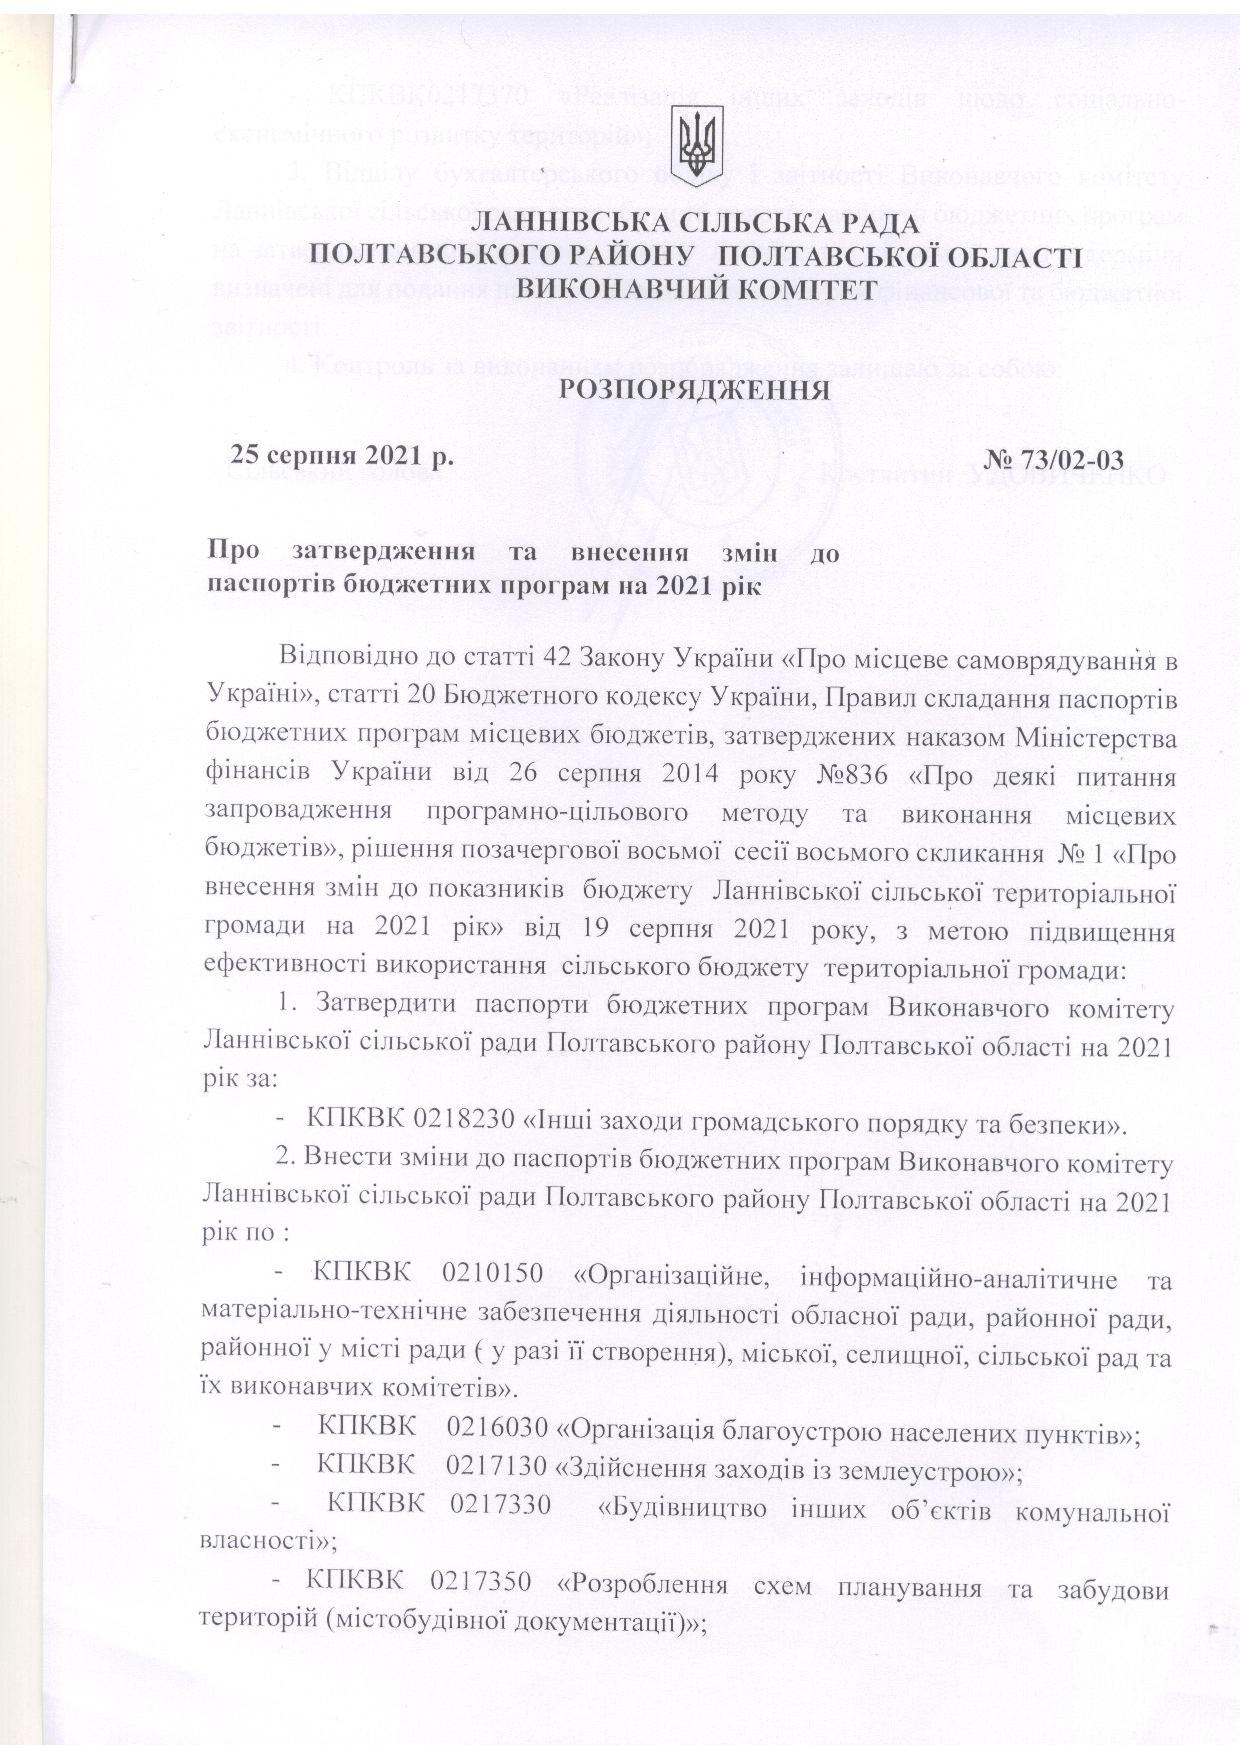 Розпорядження про внесення змін до паспортів бюджетних програм на 2021 рік 25.08.2021